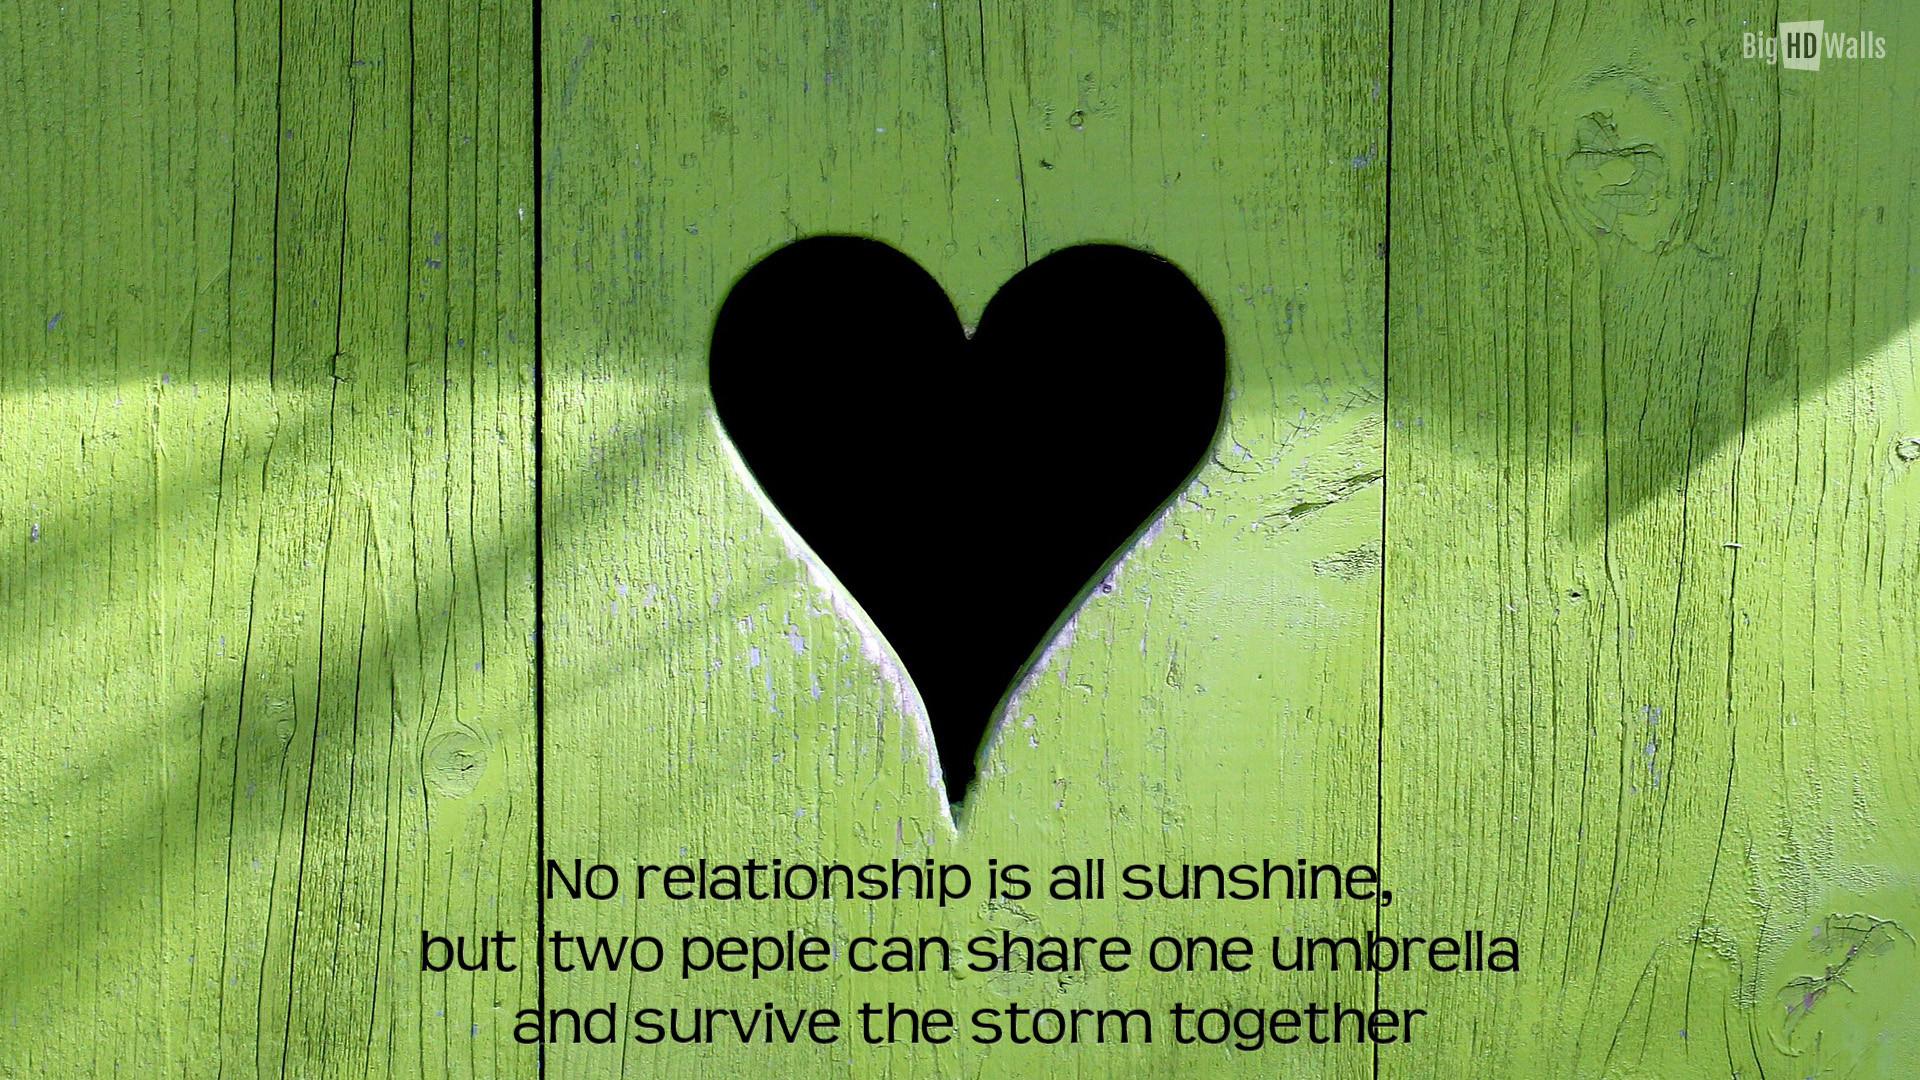 Green Heart Quote Love   Data Src New No Love Wallpaper - Love Quotes Green - HD Wallpaper